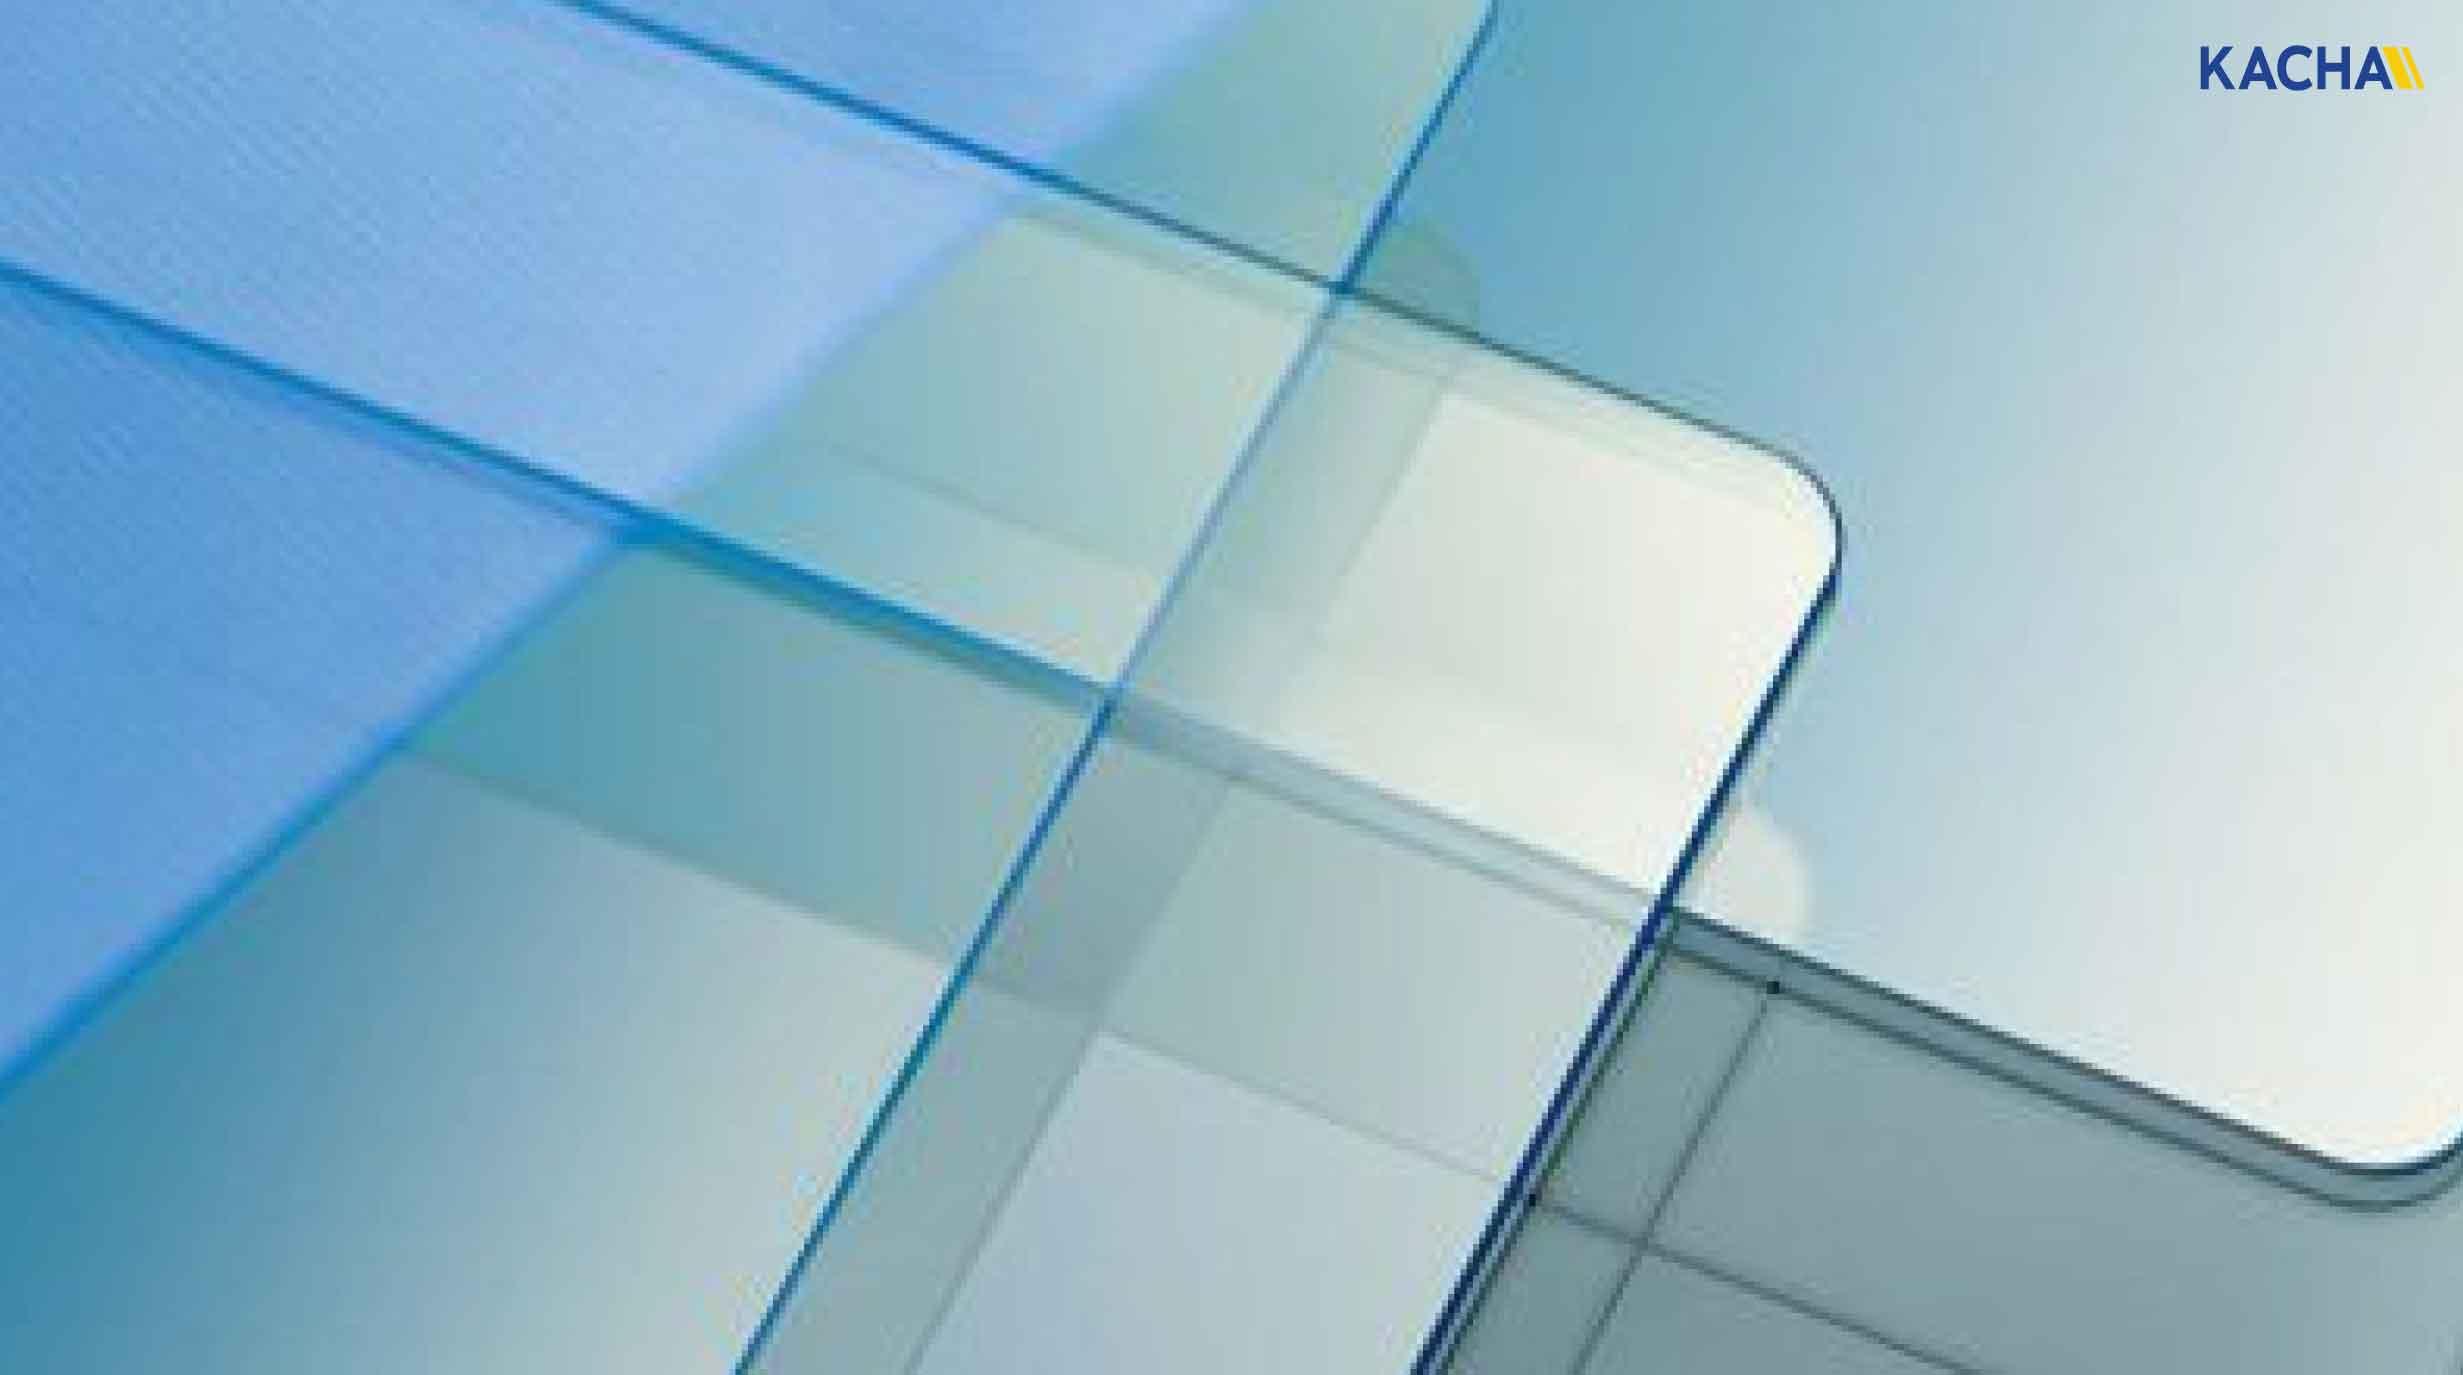 210615-Content-กระจกเทมเปอร์-หรือ-กระจกนิรภัย-มีคุณสมบัติอย่างไร02